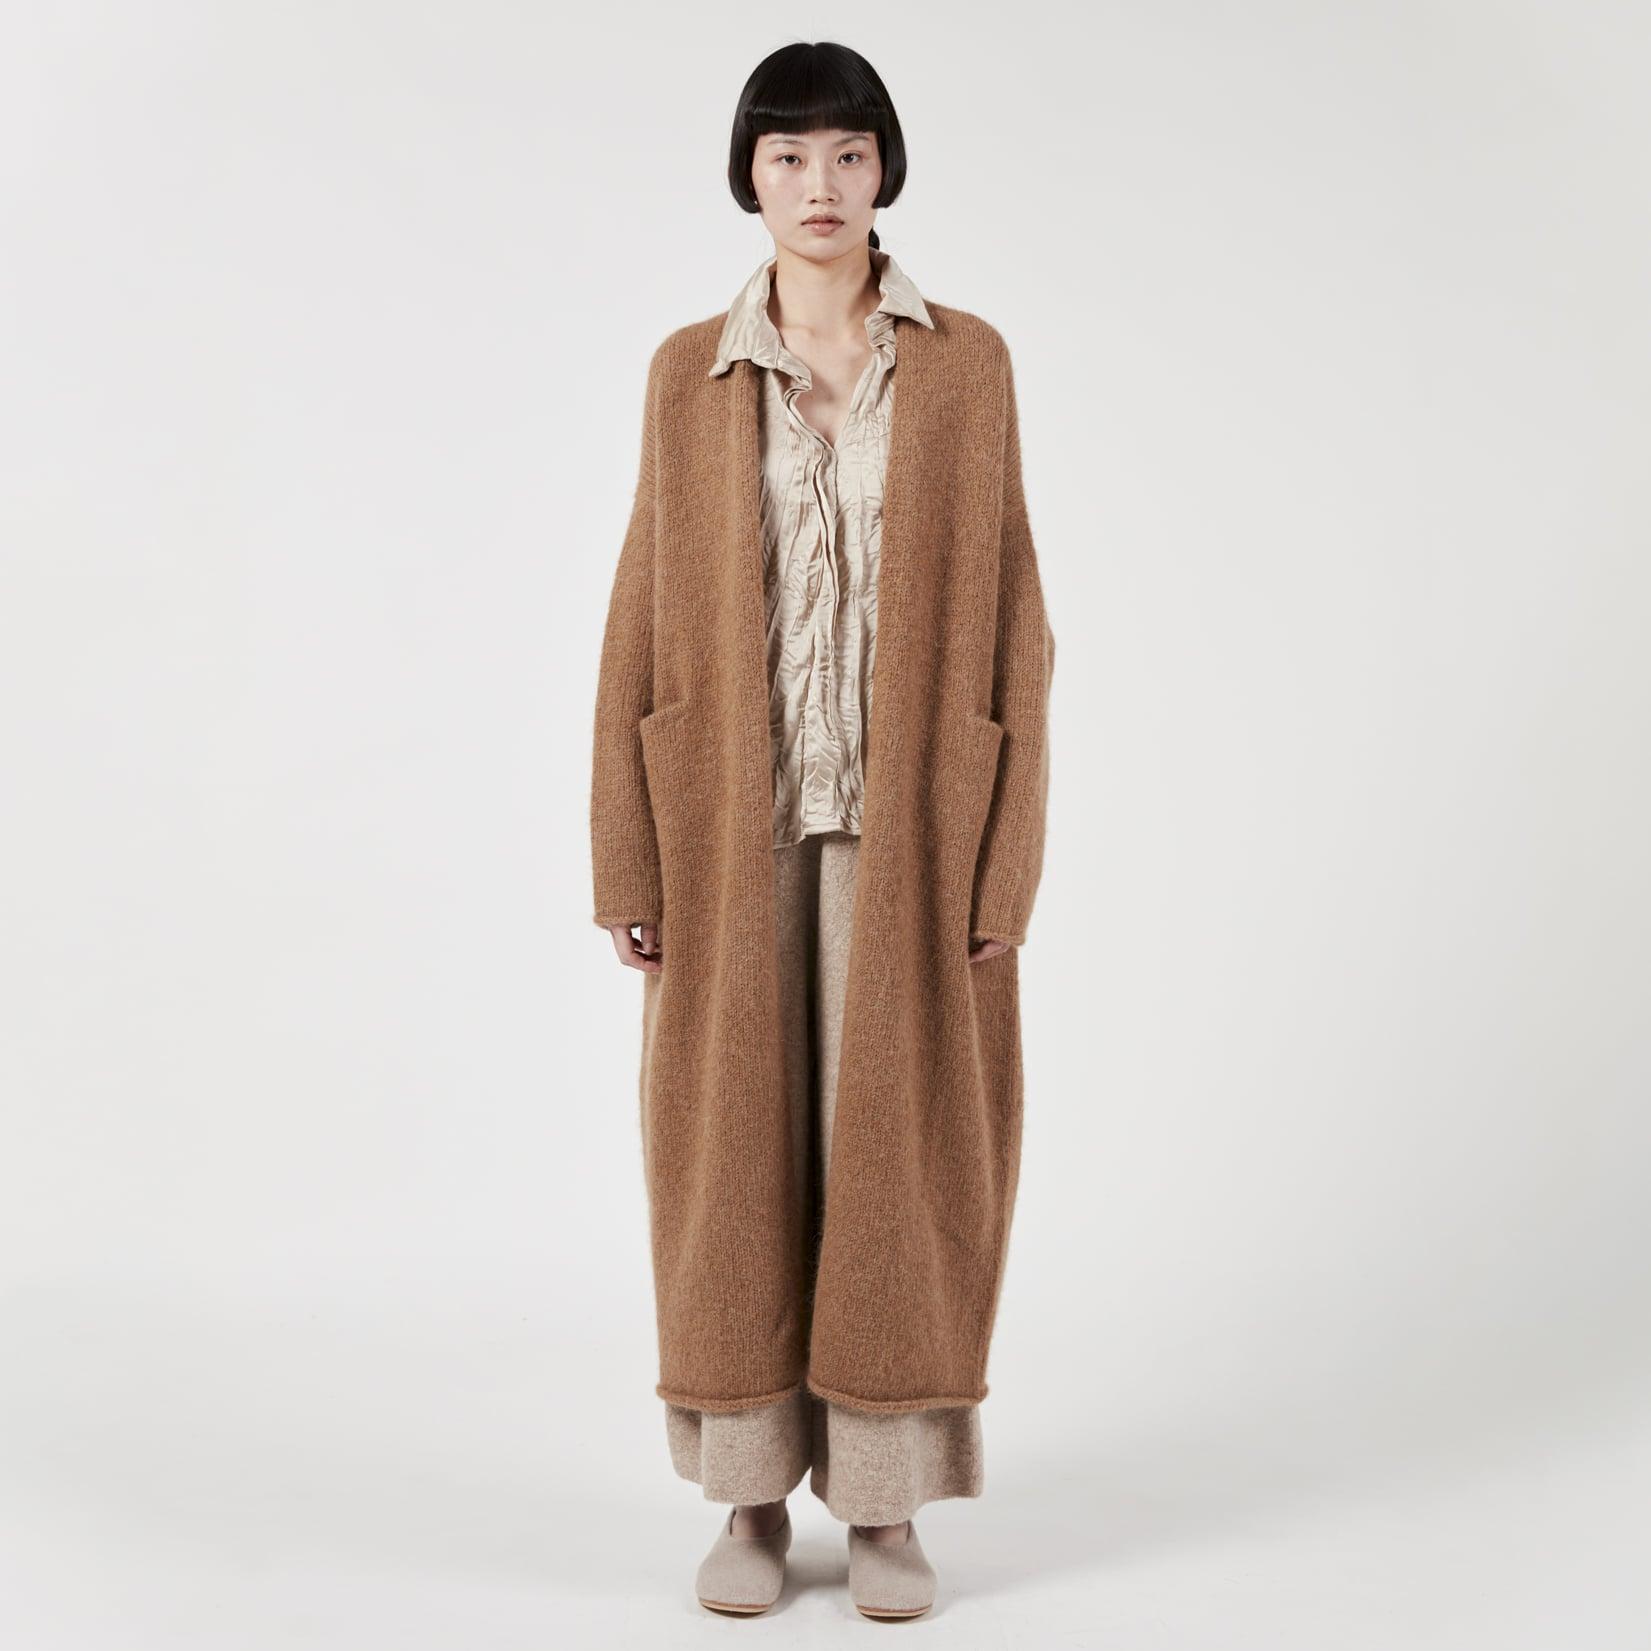 Lauren Manoogian Fluffy Robe Coat